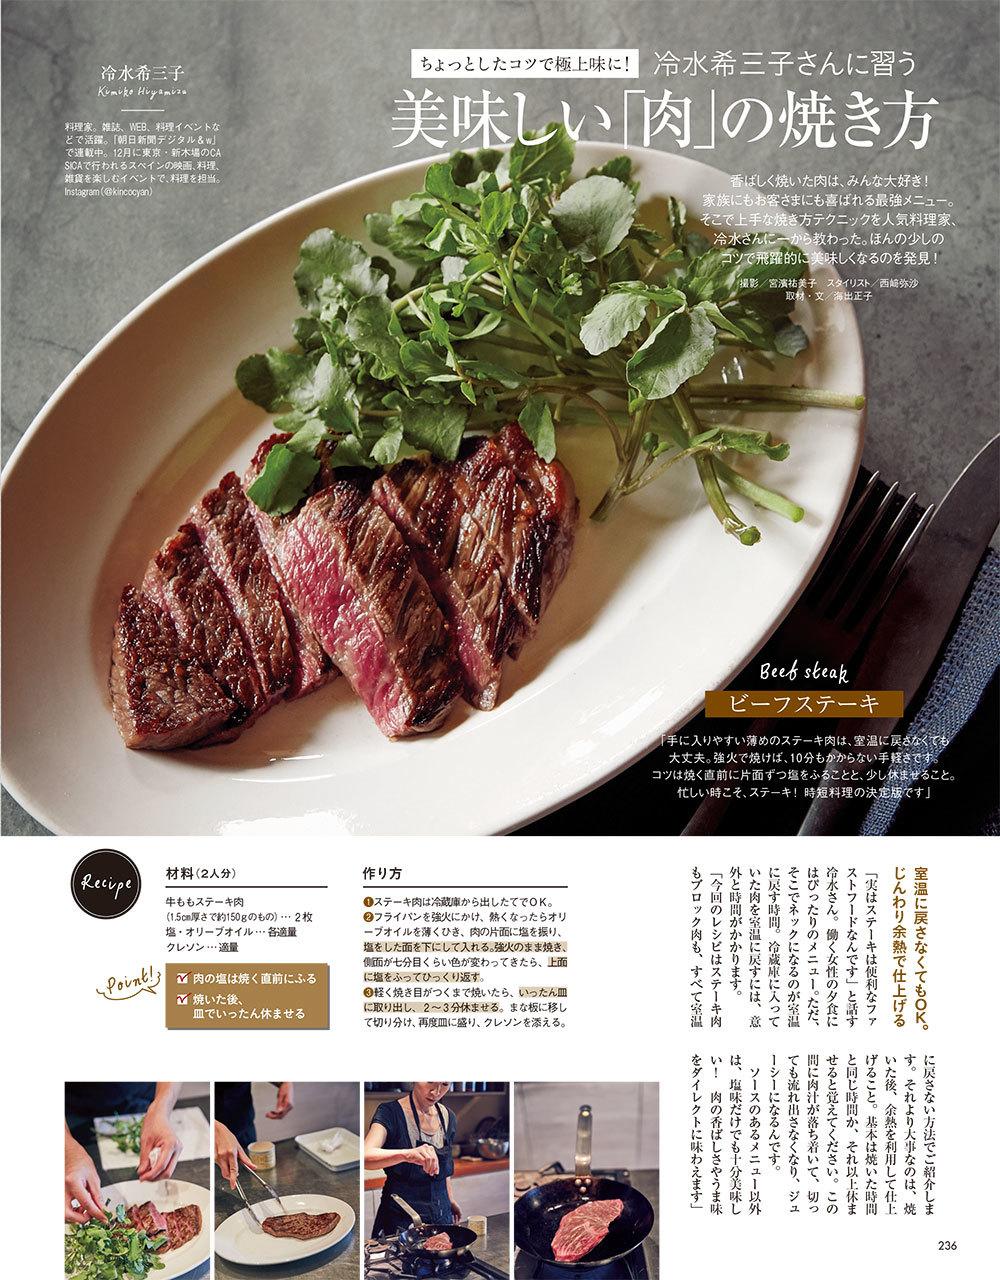 ちょっとしたコツで極上味に!冷水希三子さんに習う美味しい「肉」の焼き方